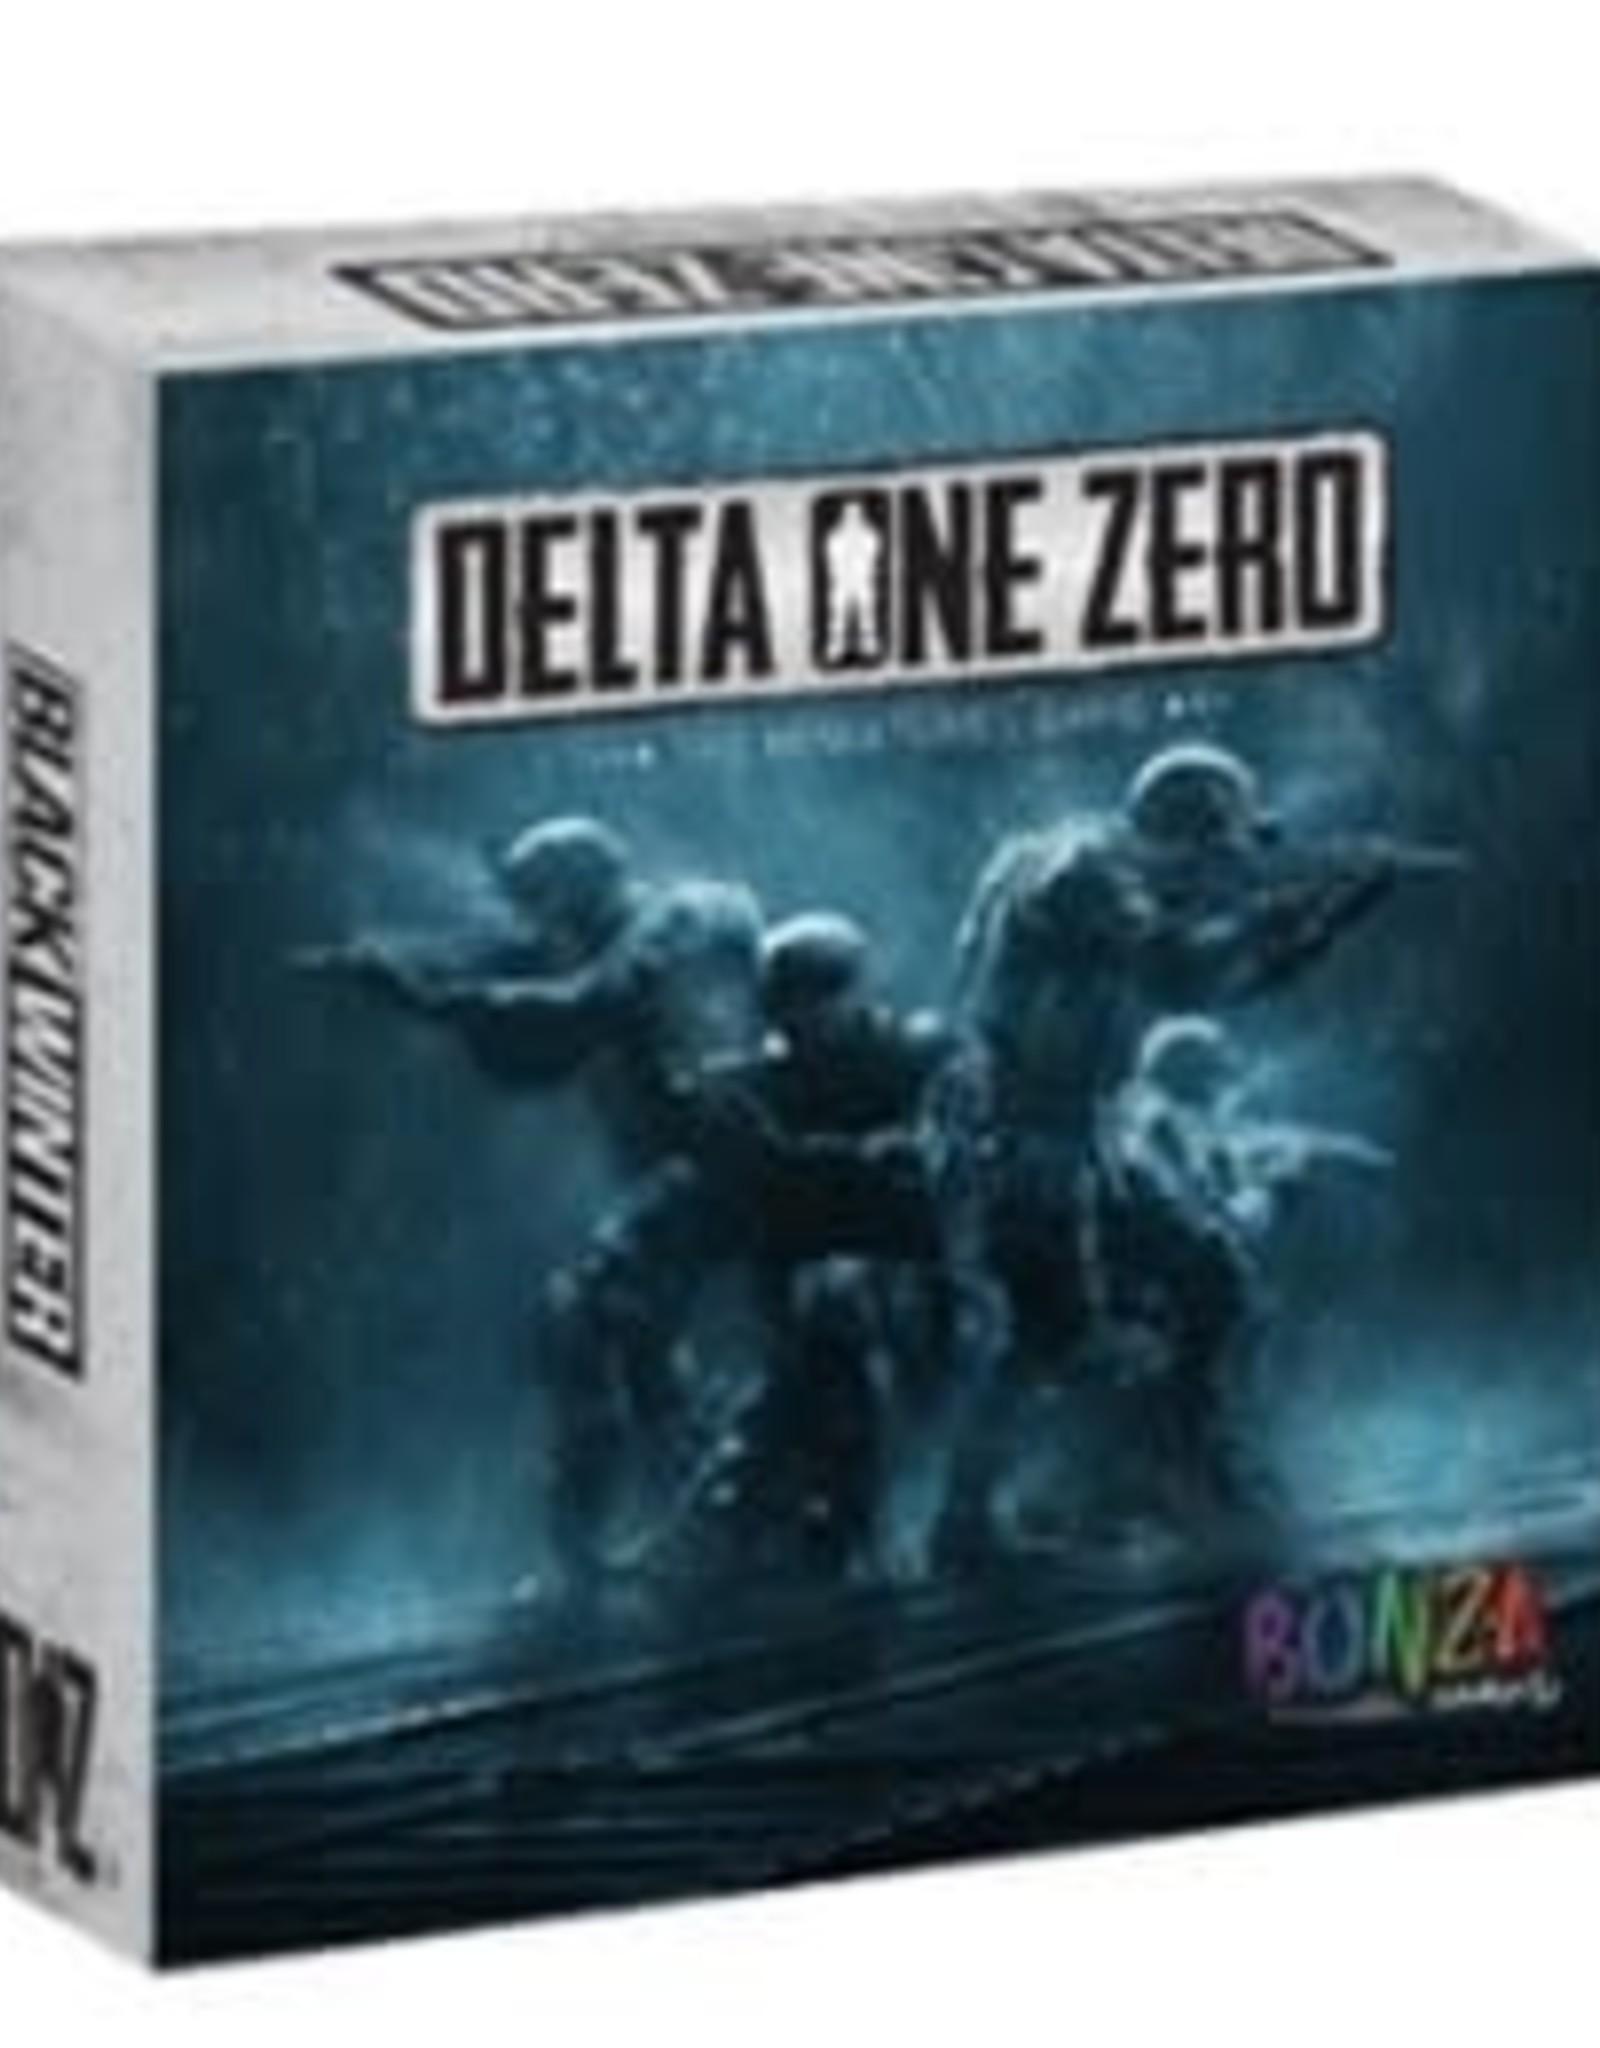 Bonza Delta One Zero